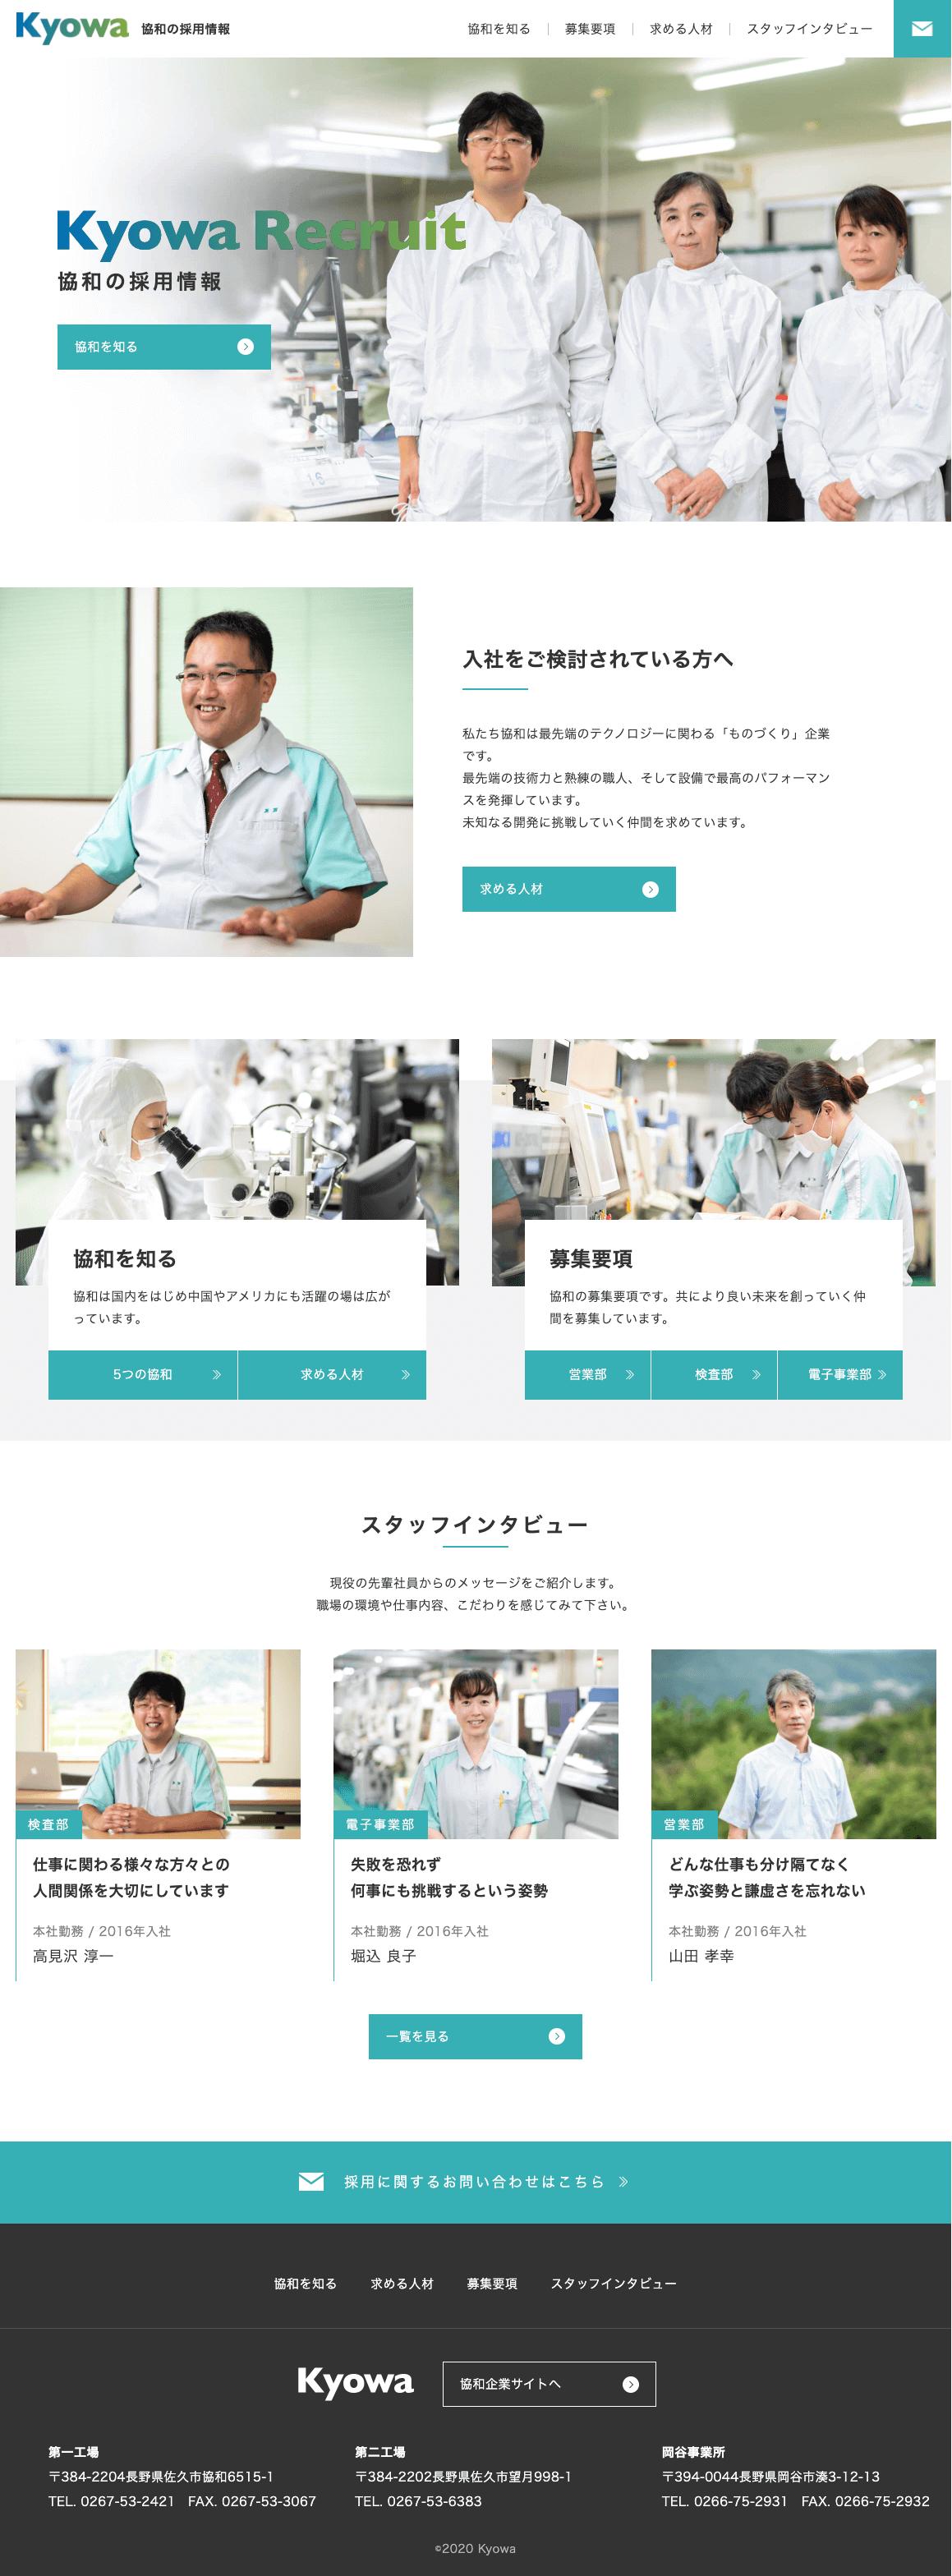 株式会社協和様 採用サイトpcイメージ